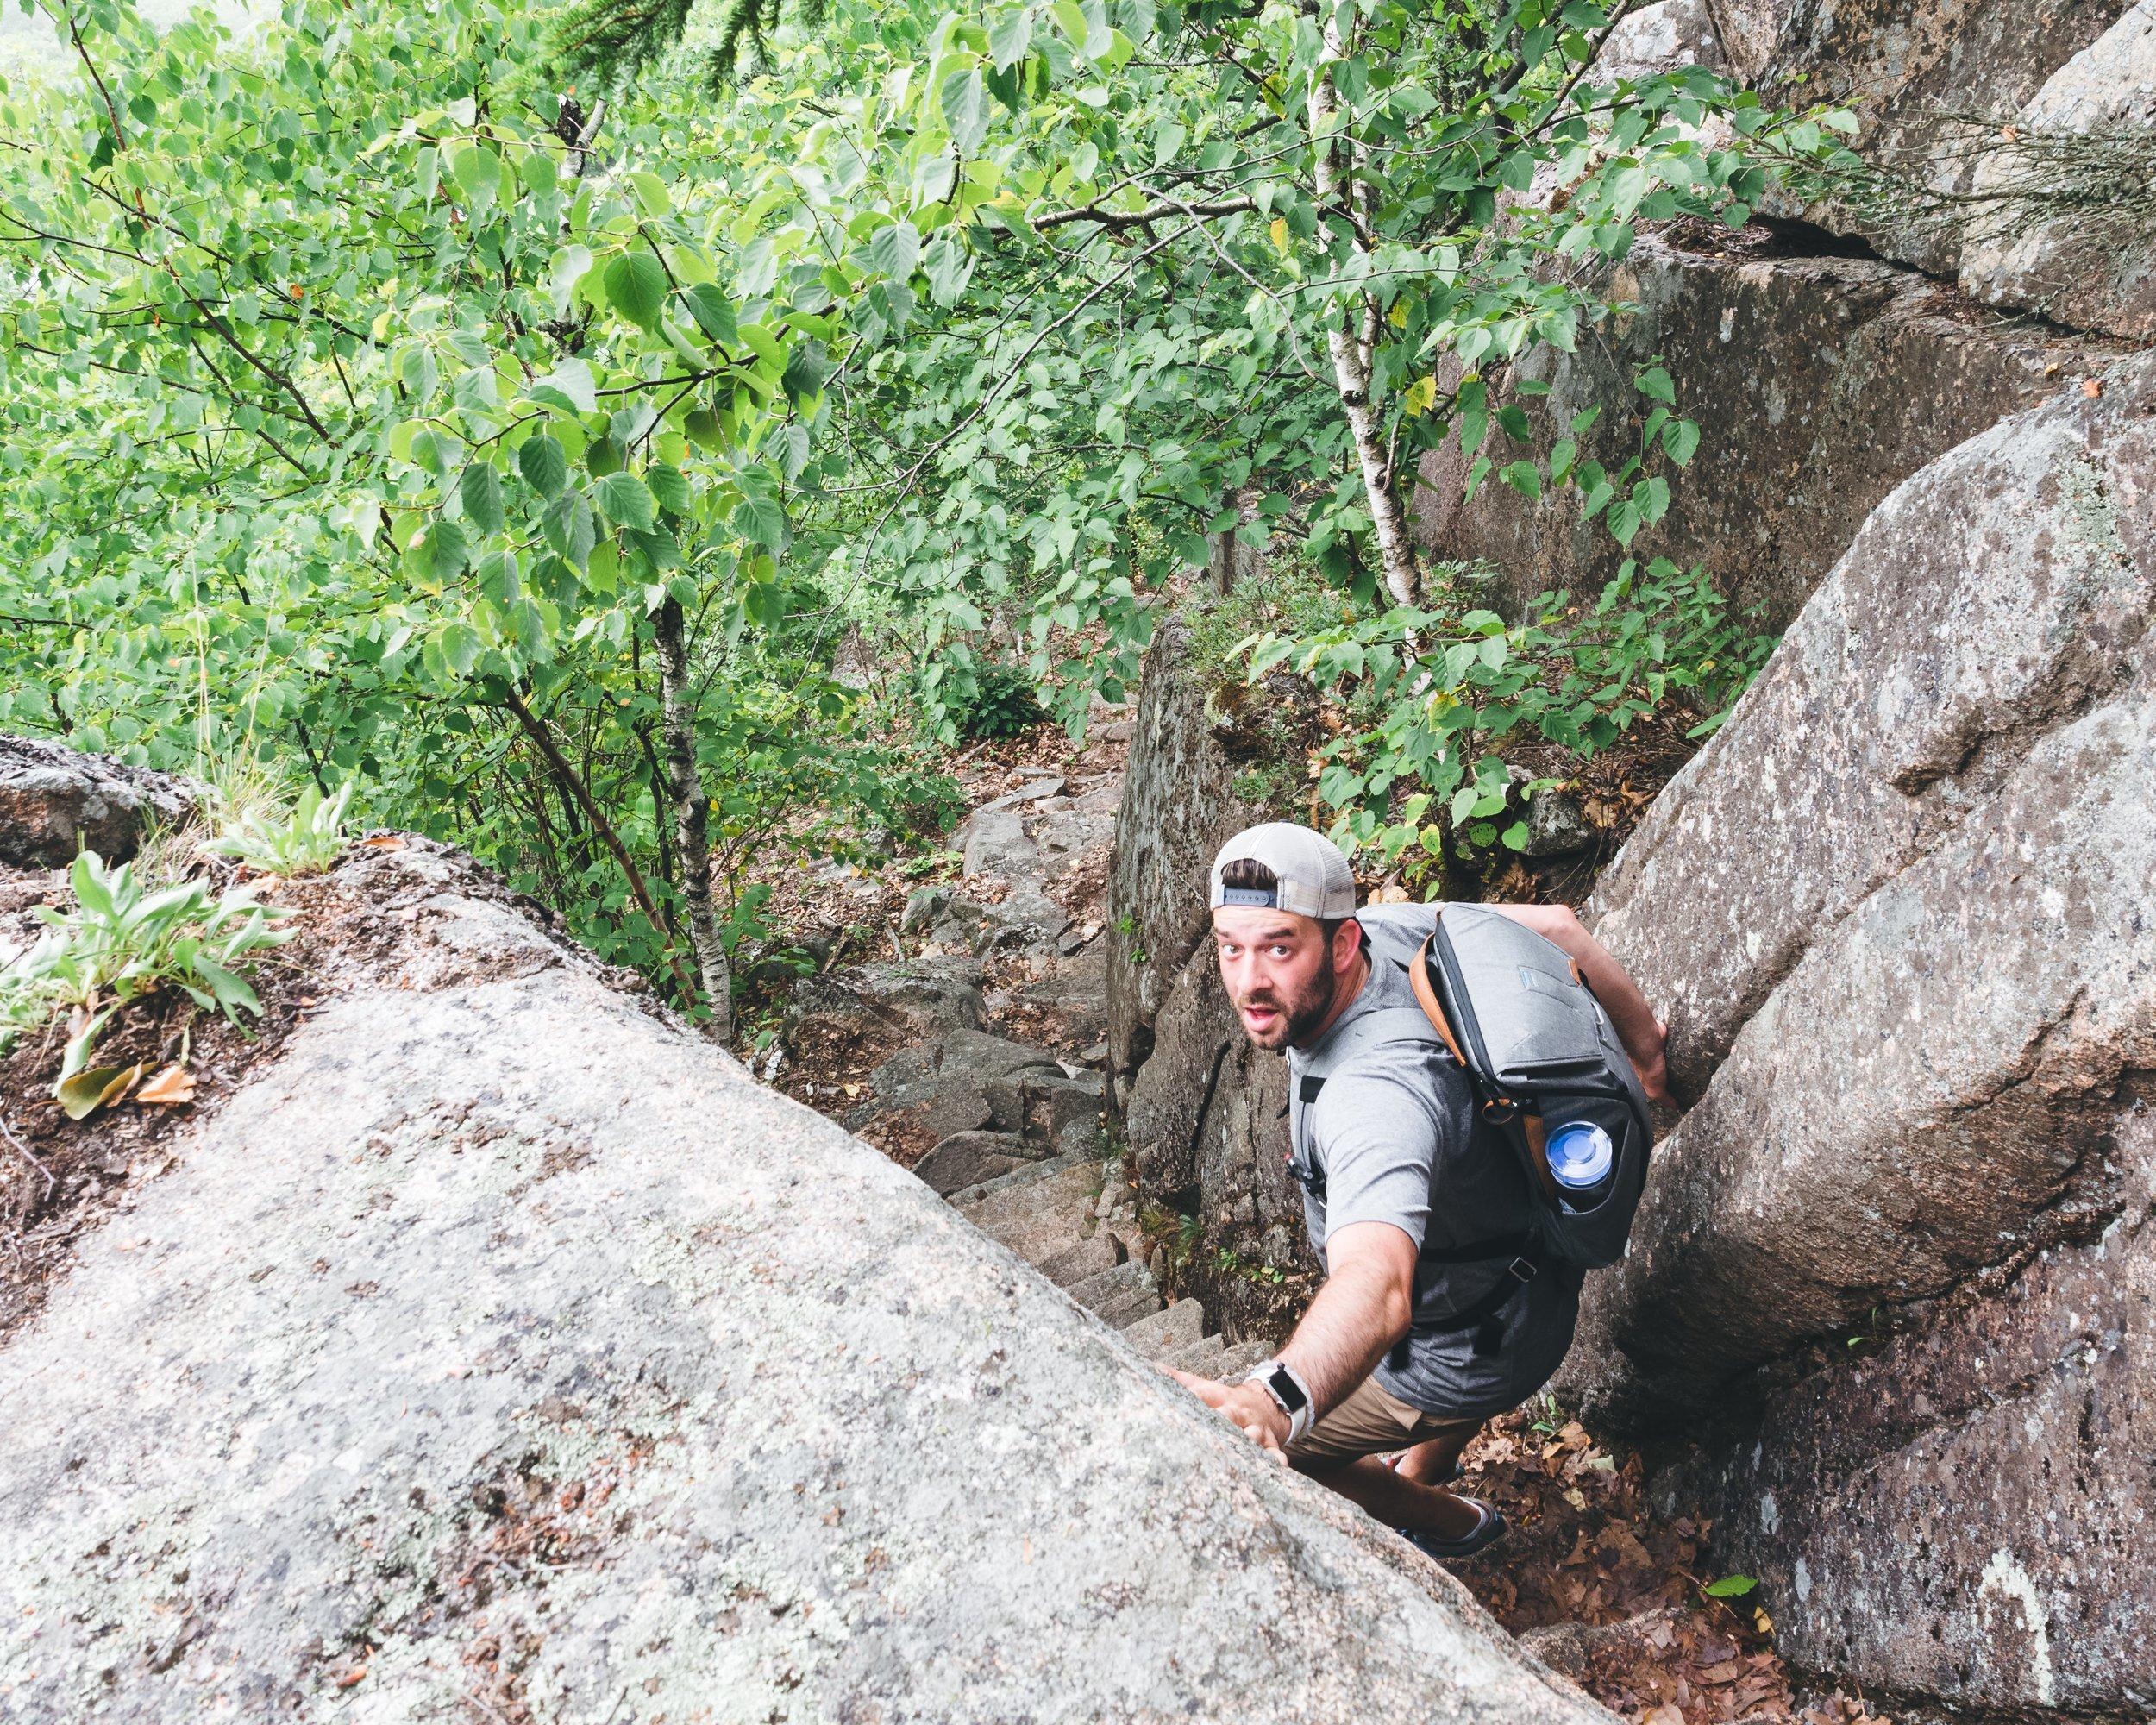 Me descending Precipice Loop.